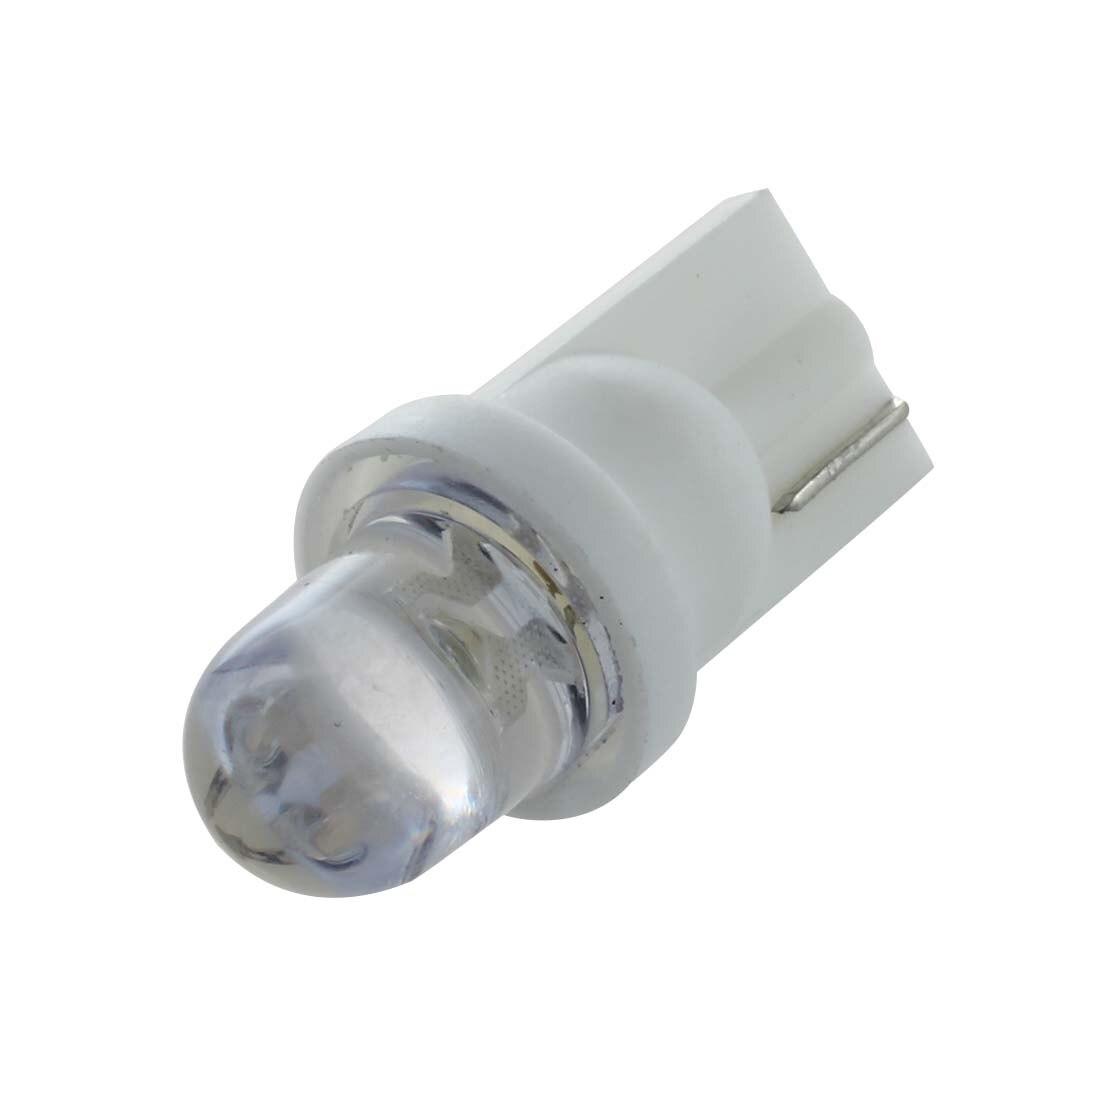 Glühbirnen Licht & Beleuchtung New-10x W5w Led Nachtlicht Lampe T10 2825 158 168 194 Xenon Weiß Decke Wirkung